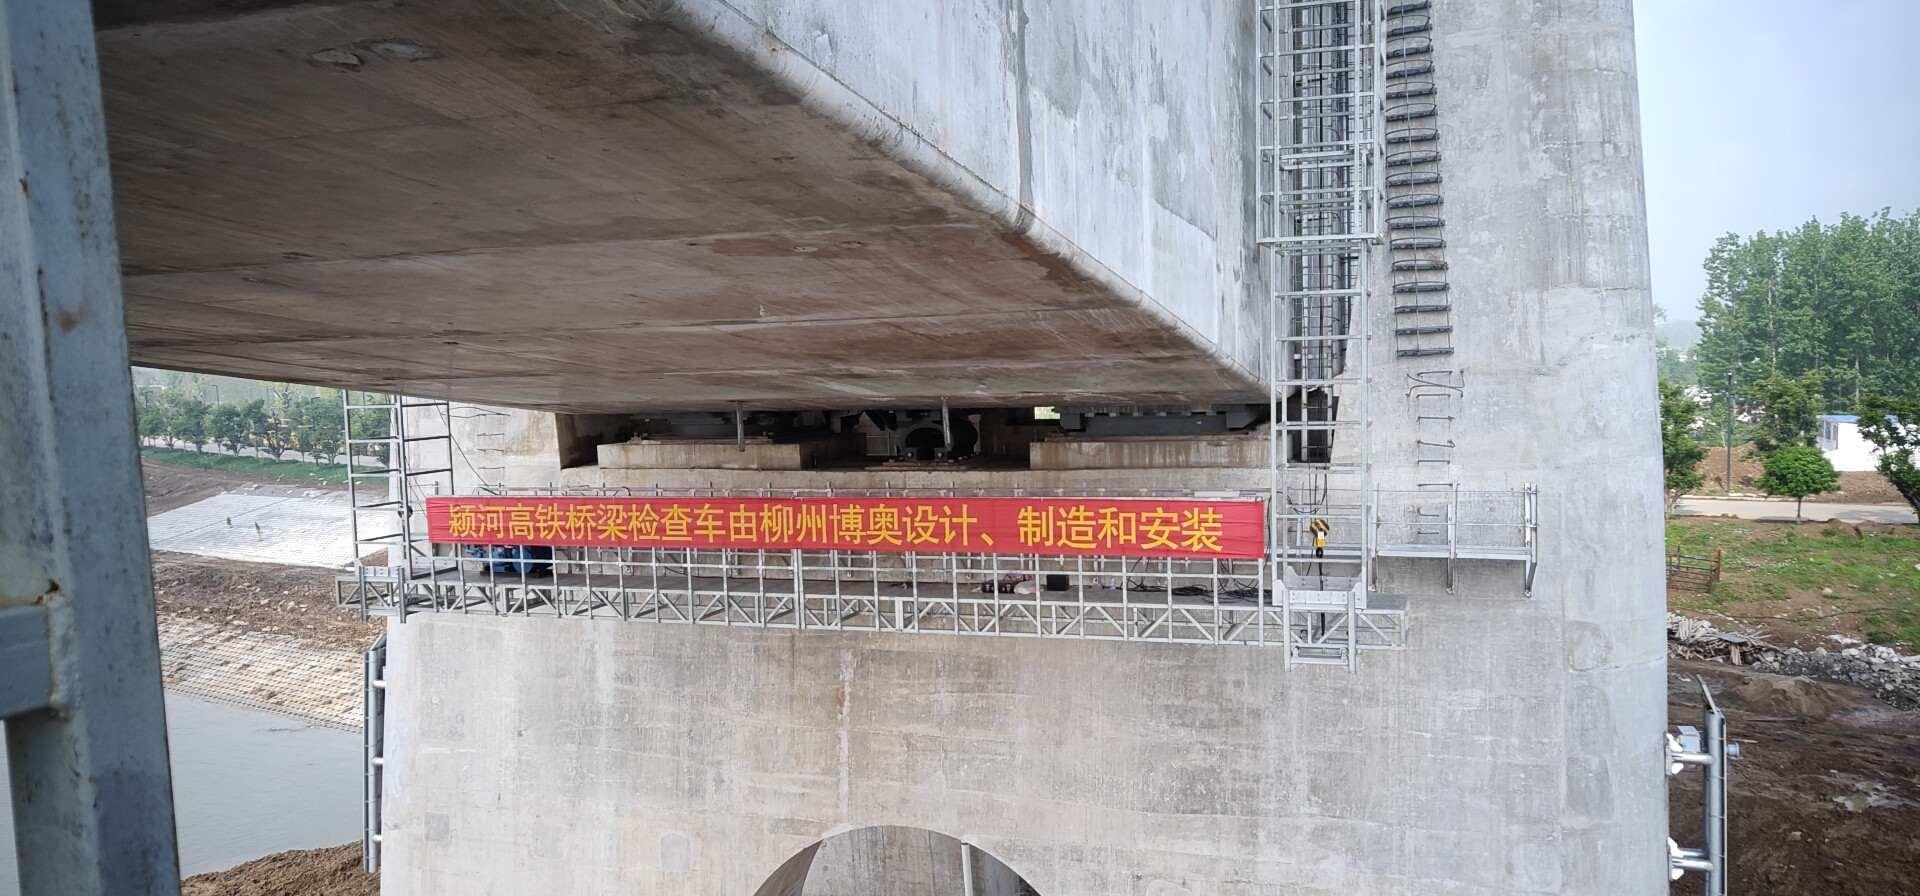 湛江铁路桥检车